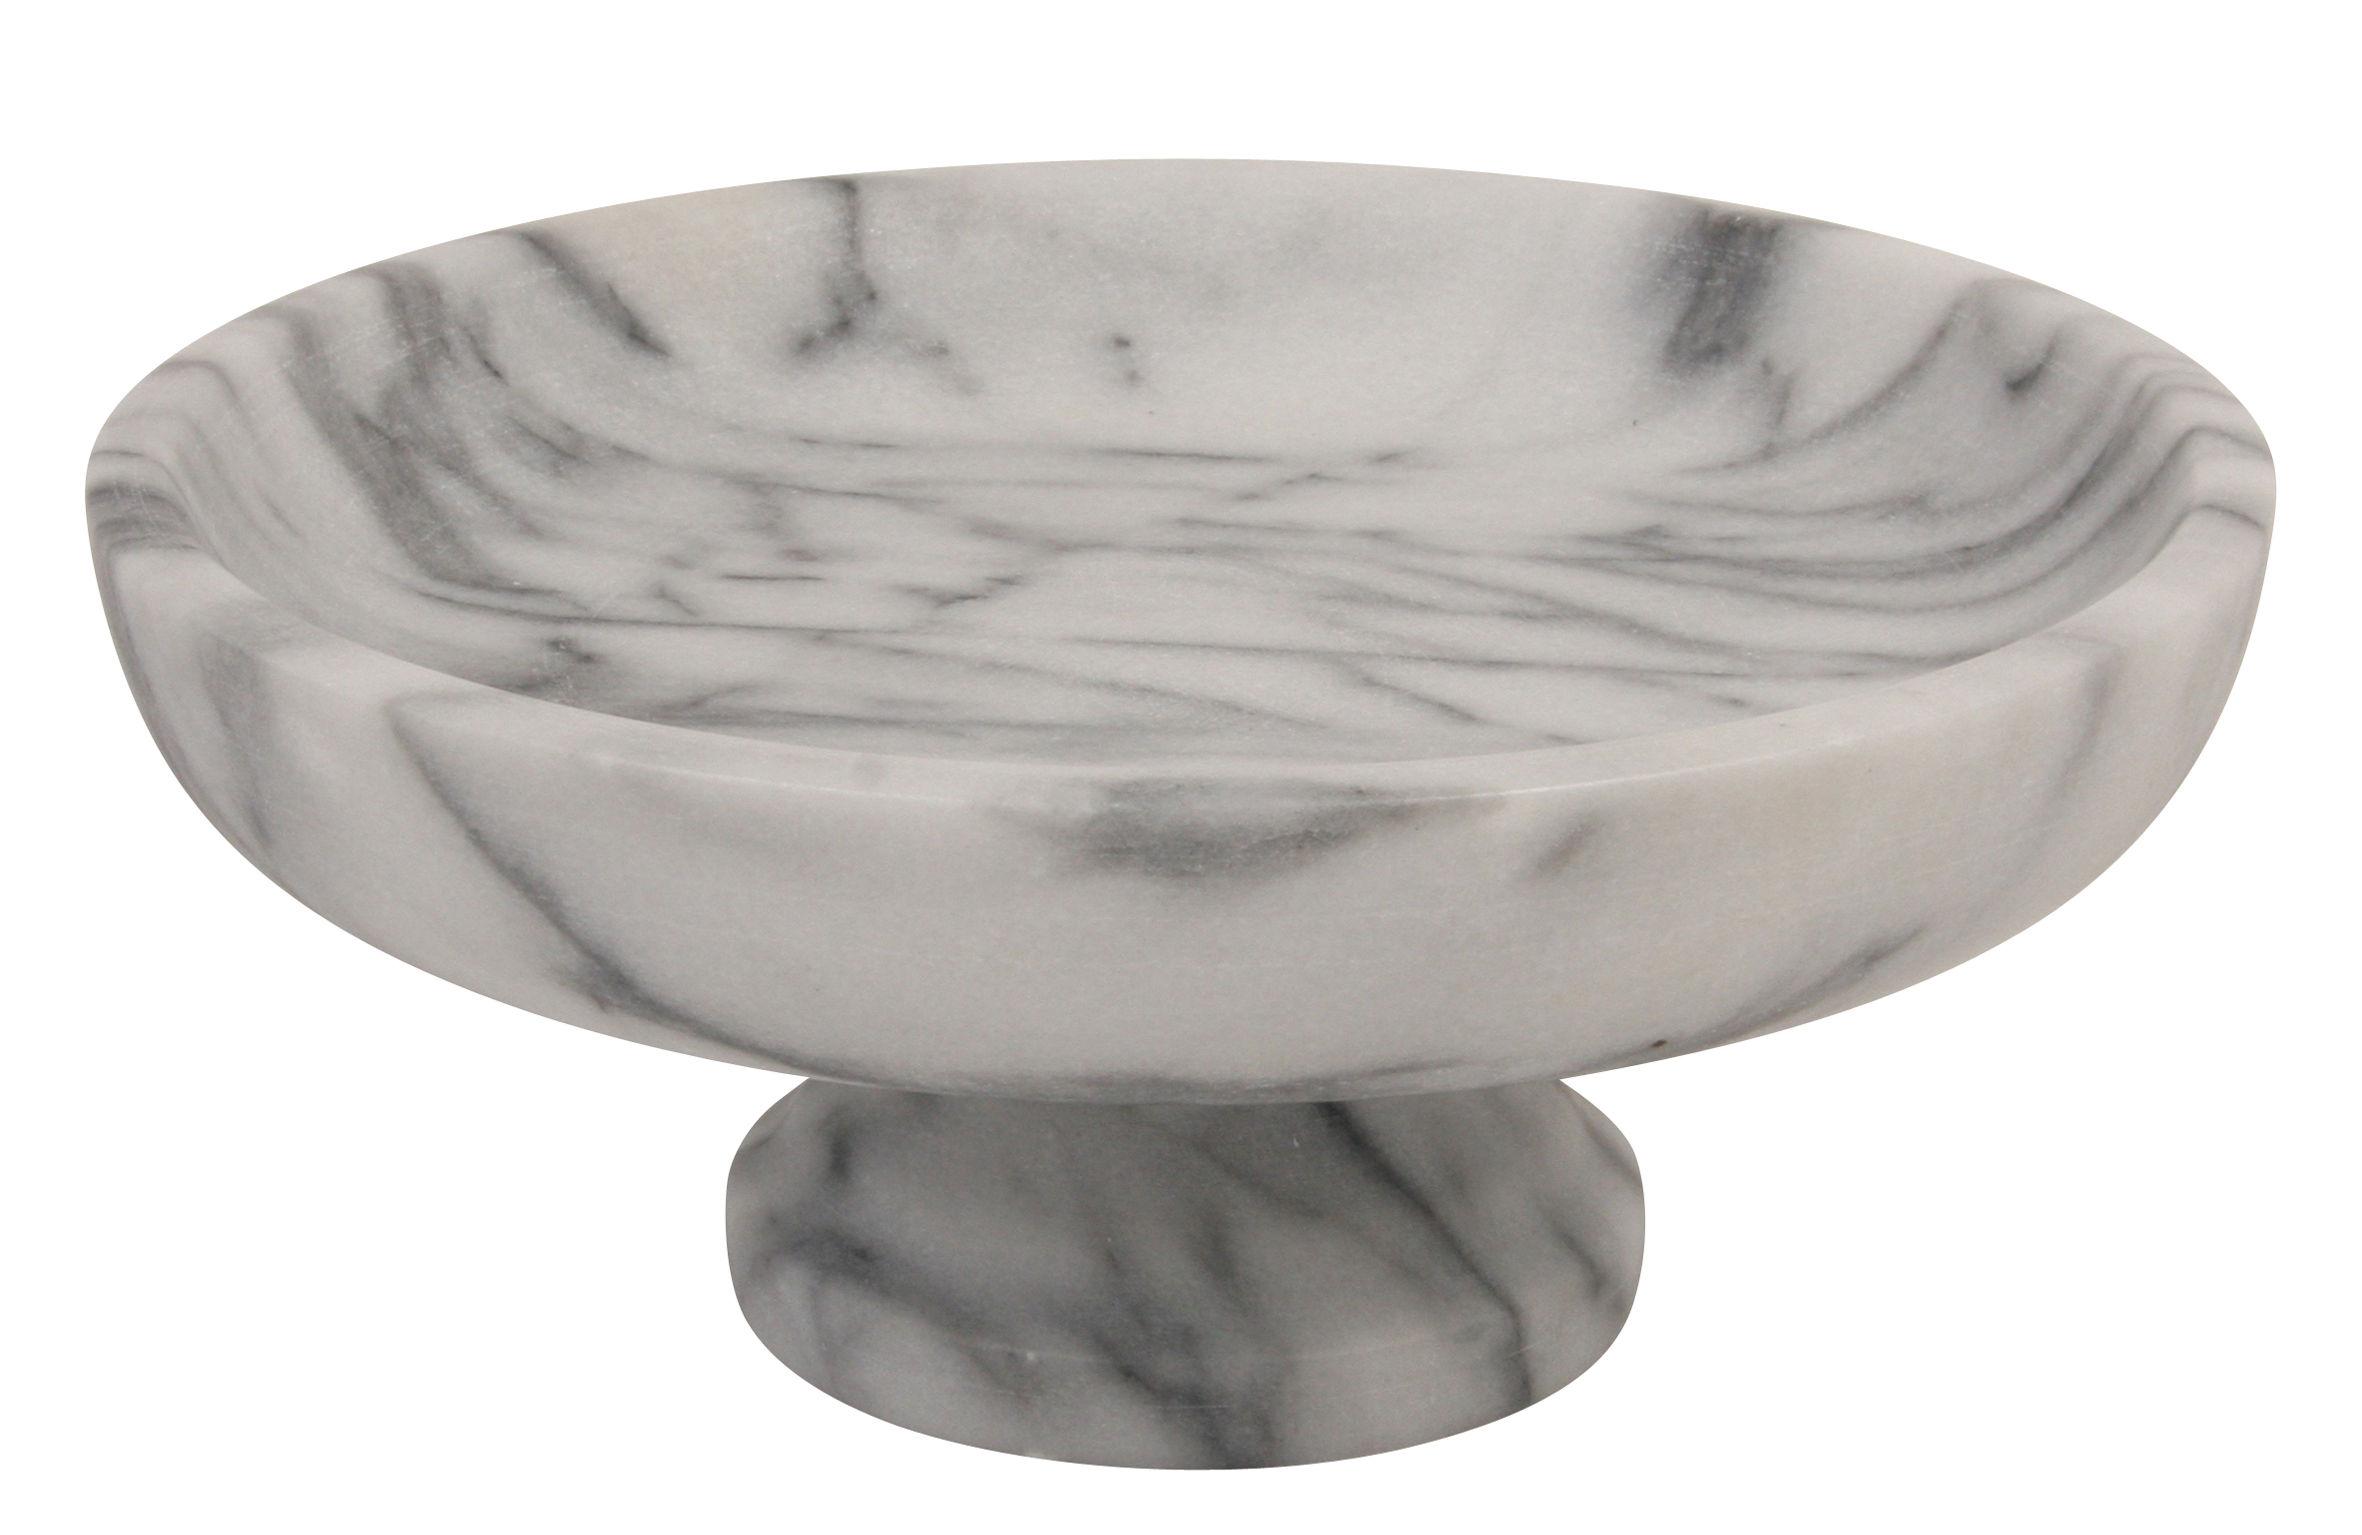 Tischkultur - Körbe, Fruchtkörbe und Tischgestecke - Marble Obstschale / Servierschüssel - Marmor - & klevering - Marmor weiß & grau - Marmor